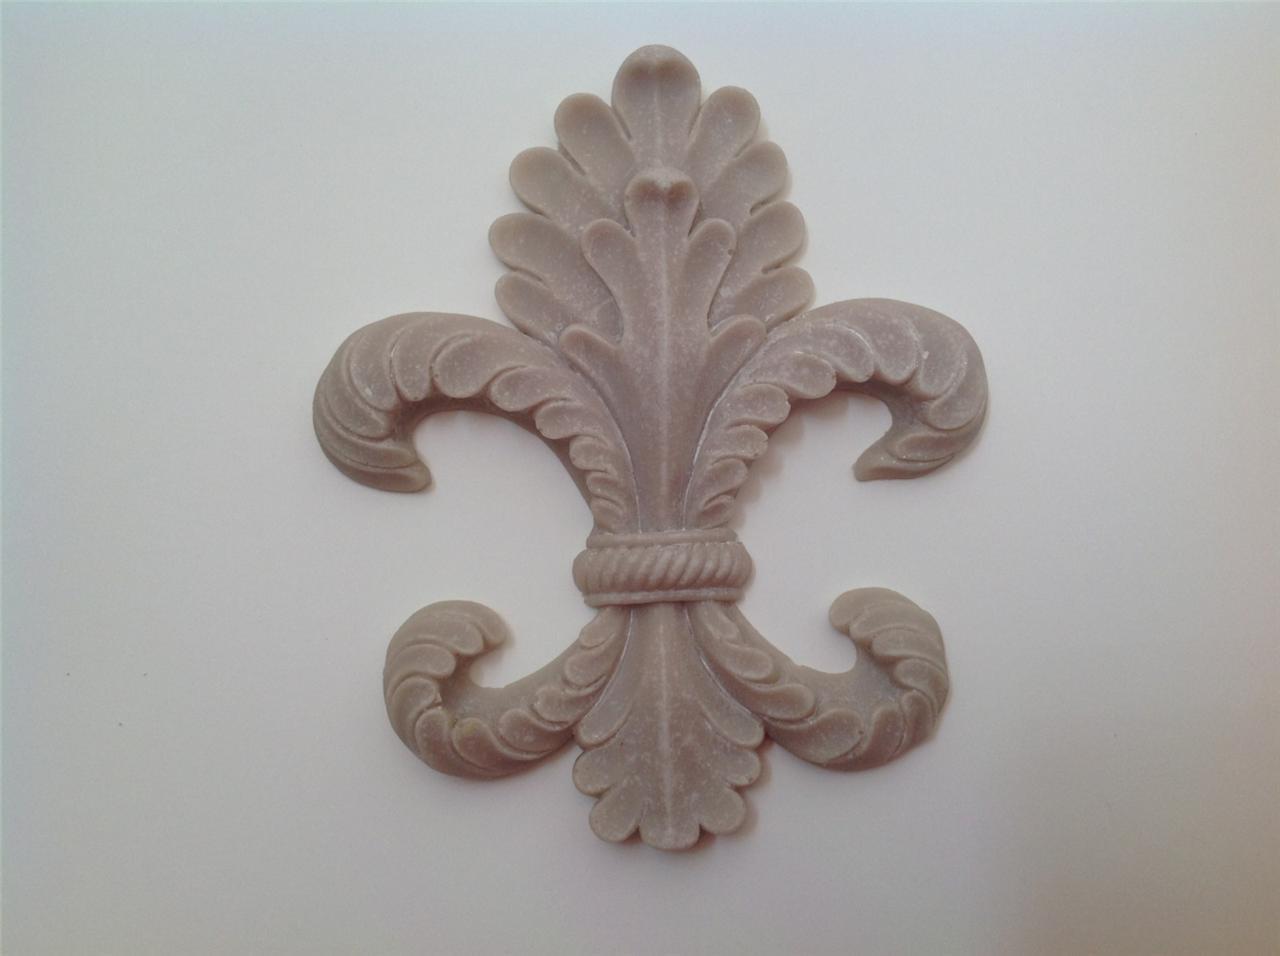 French Provincial Fleur De Lys Furniture Applique Crest A Stylized Lily Flower Ebay